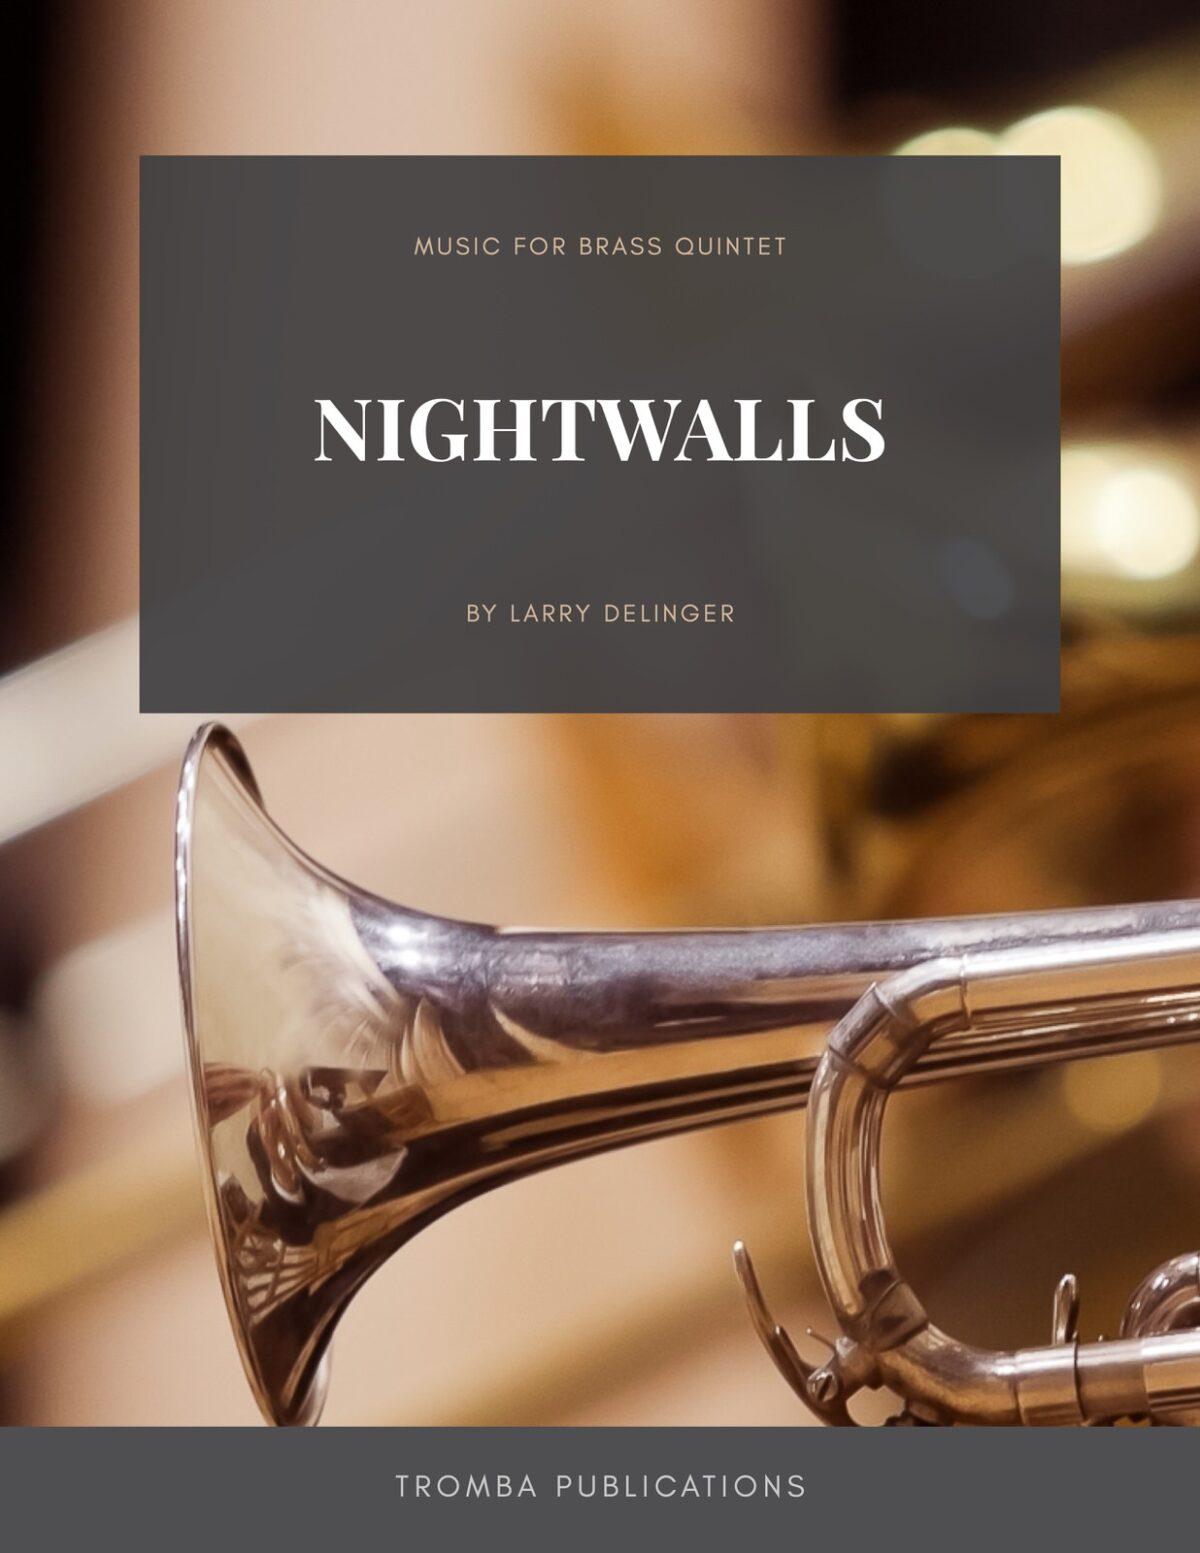 (Quintet) Delinger, Nightwalls-p01